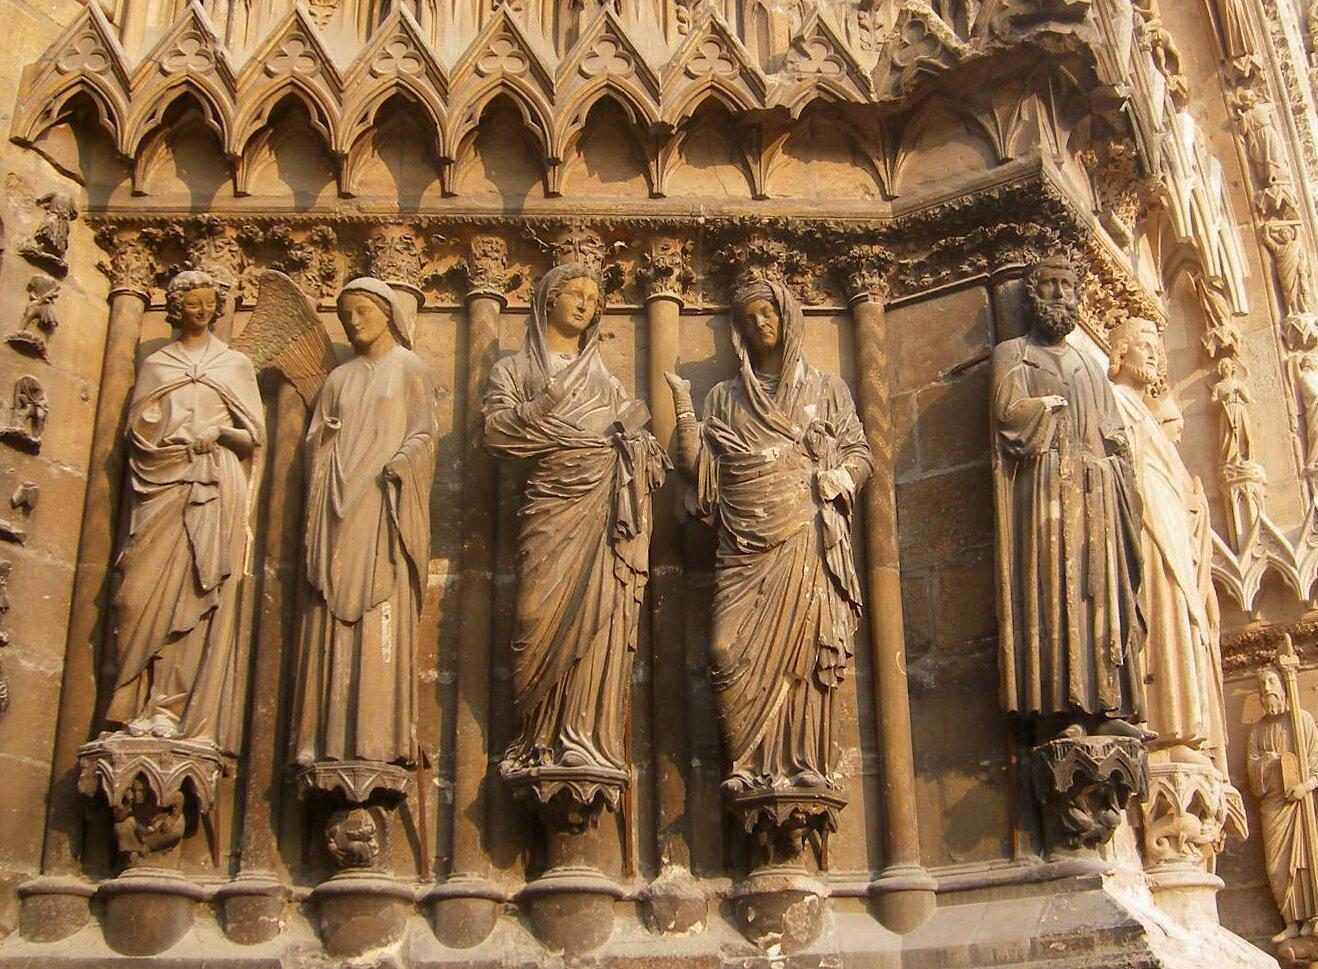 Rzeźby zportalu zachodniego katedry wReims, grupa zwiastowania inawiedzenia Rzeźby zportalu zachodniego katedry wReims, grupa zwiastowania inawiedzenia Źródło: ok. 1240–1250, licencja: CC BY-SA 4.0.